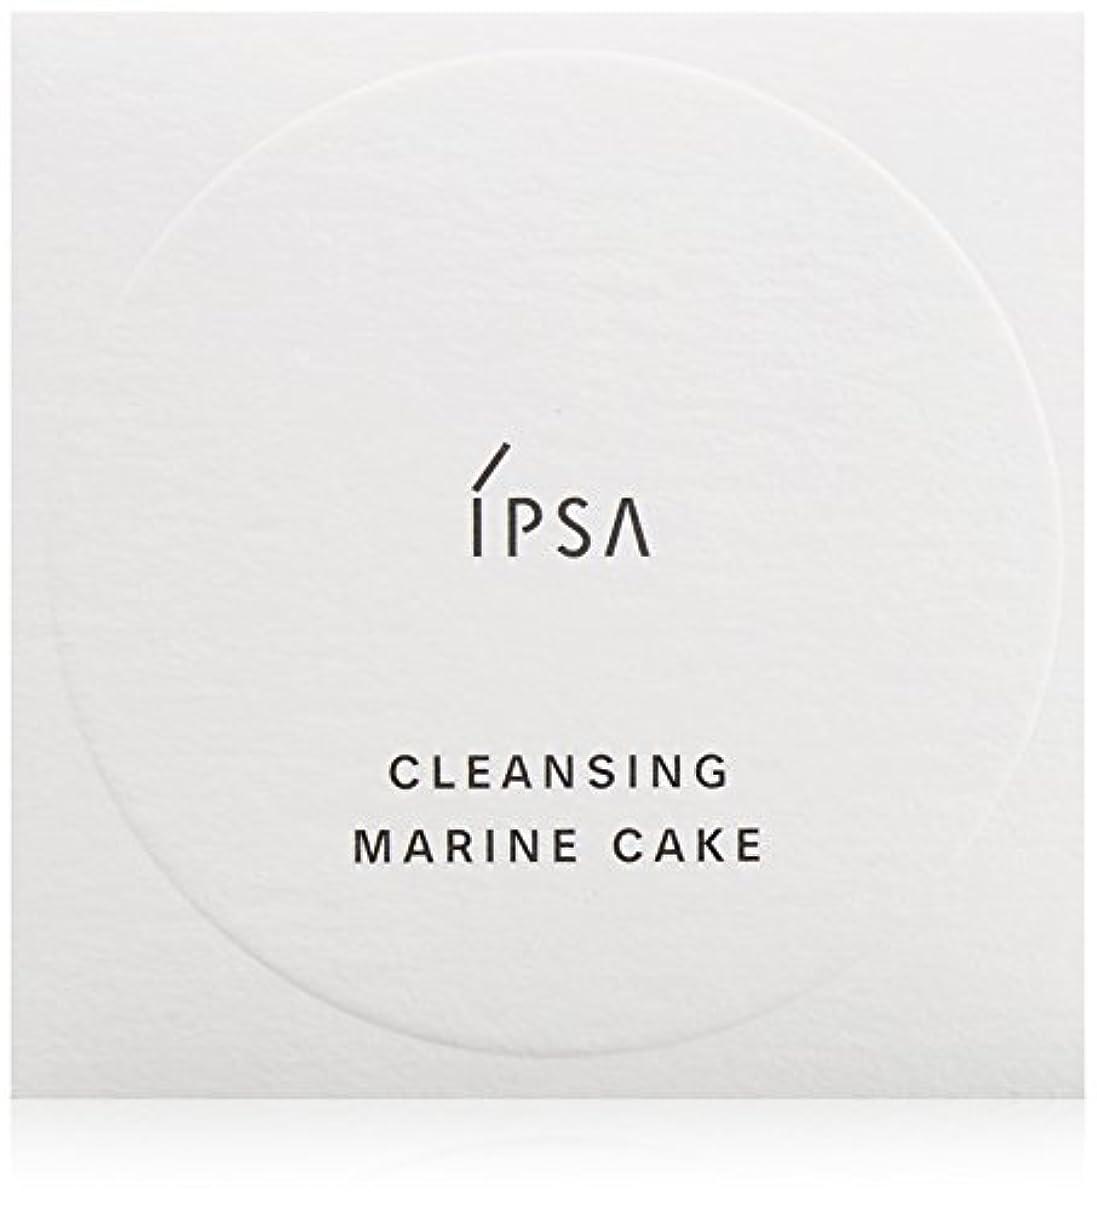 立派なほのかサージイプサ(IPSA) クレンジング マリンケイク